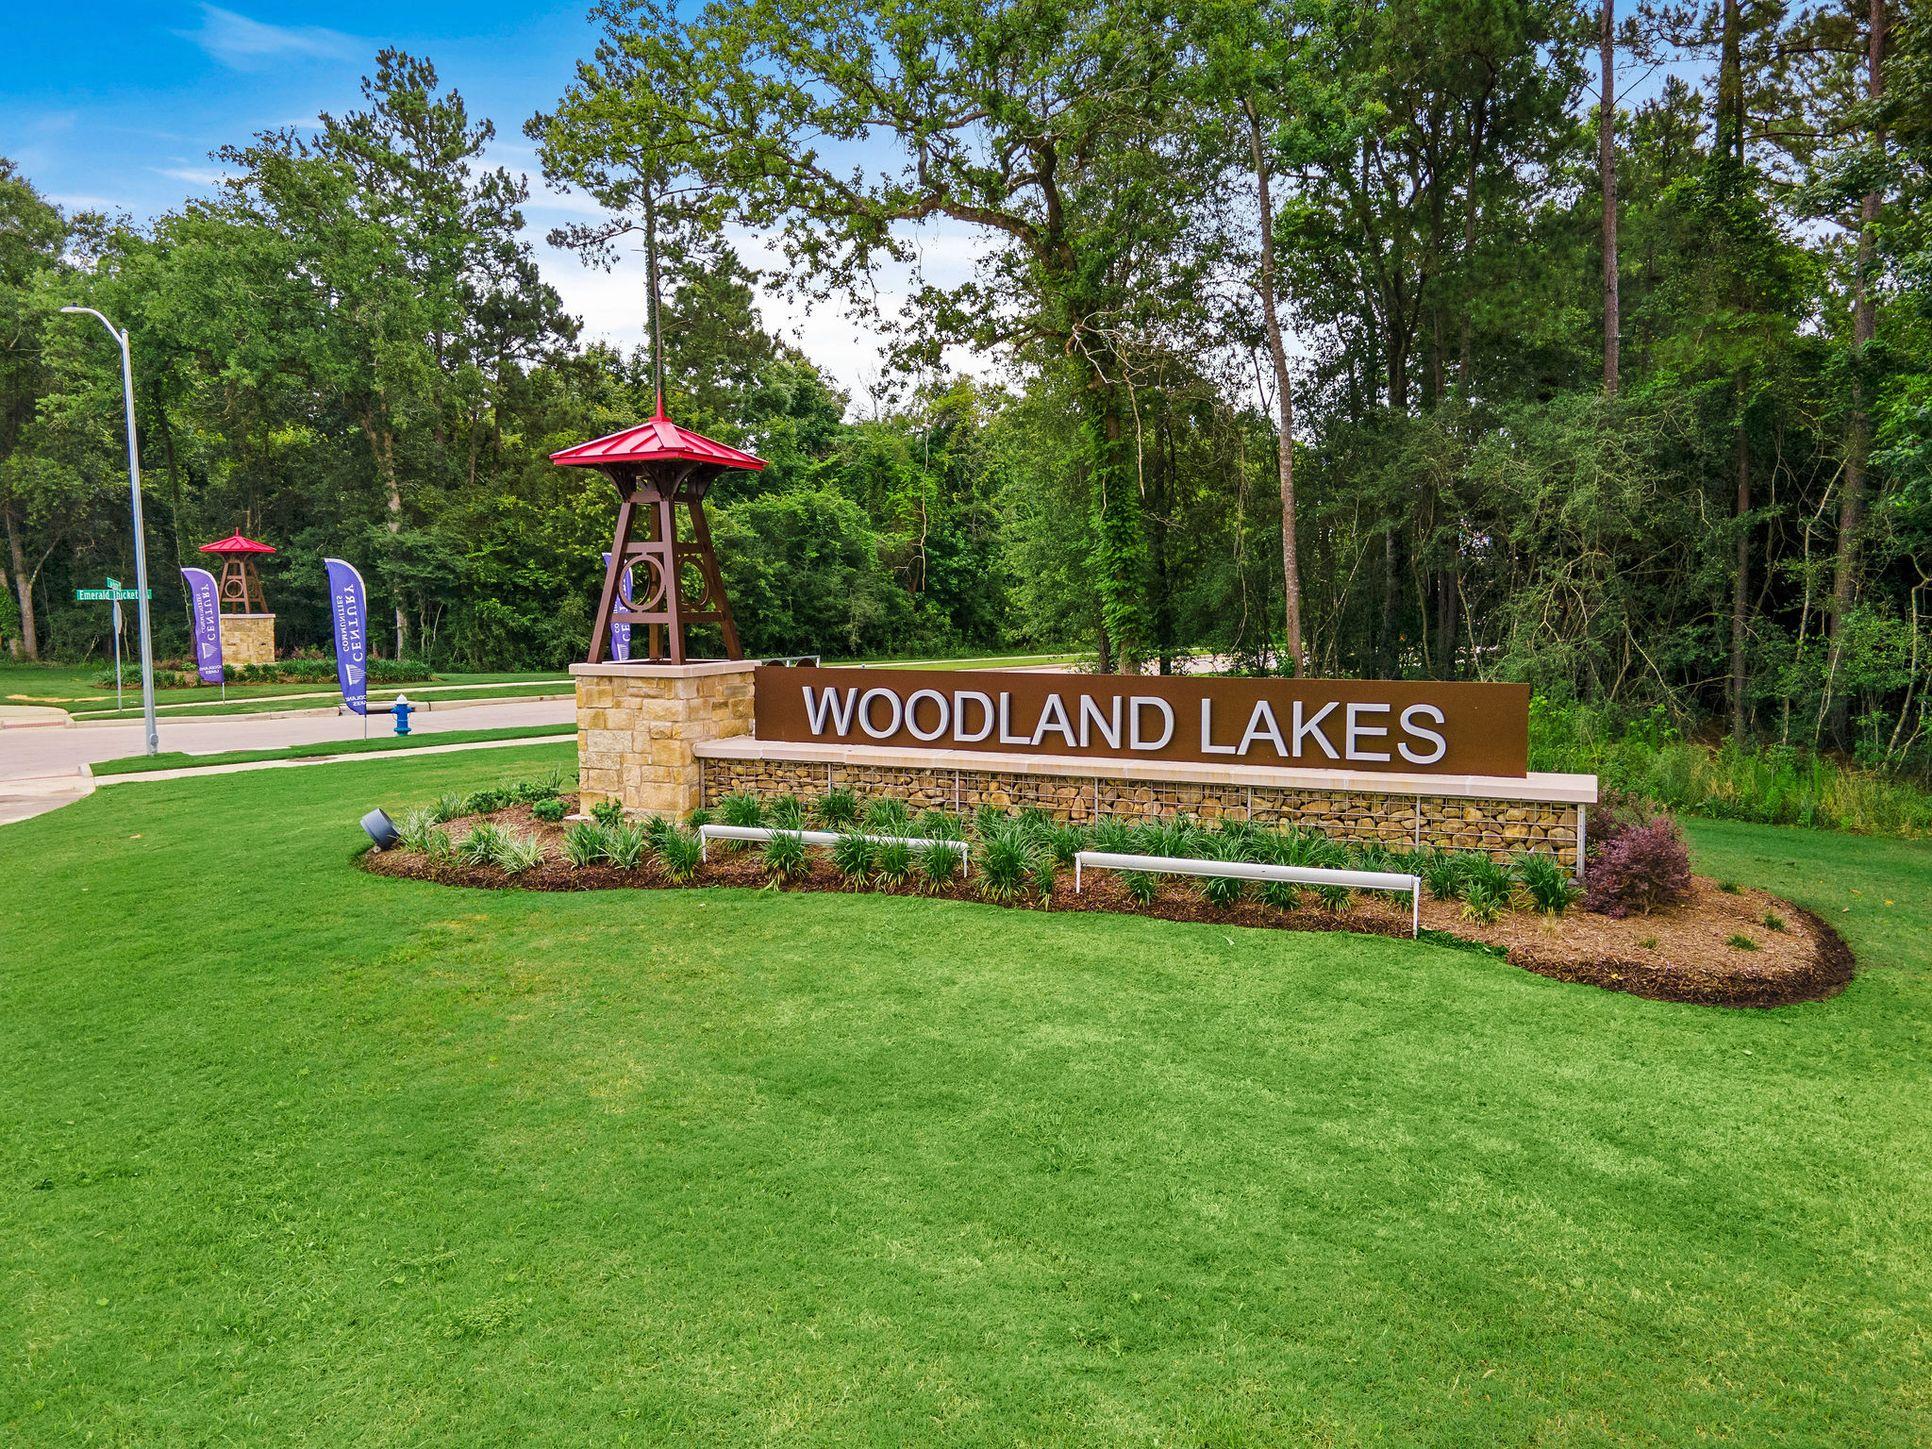 Woodland Lakes,77336